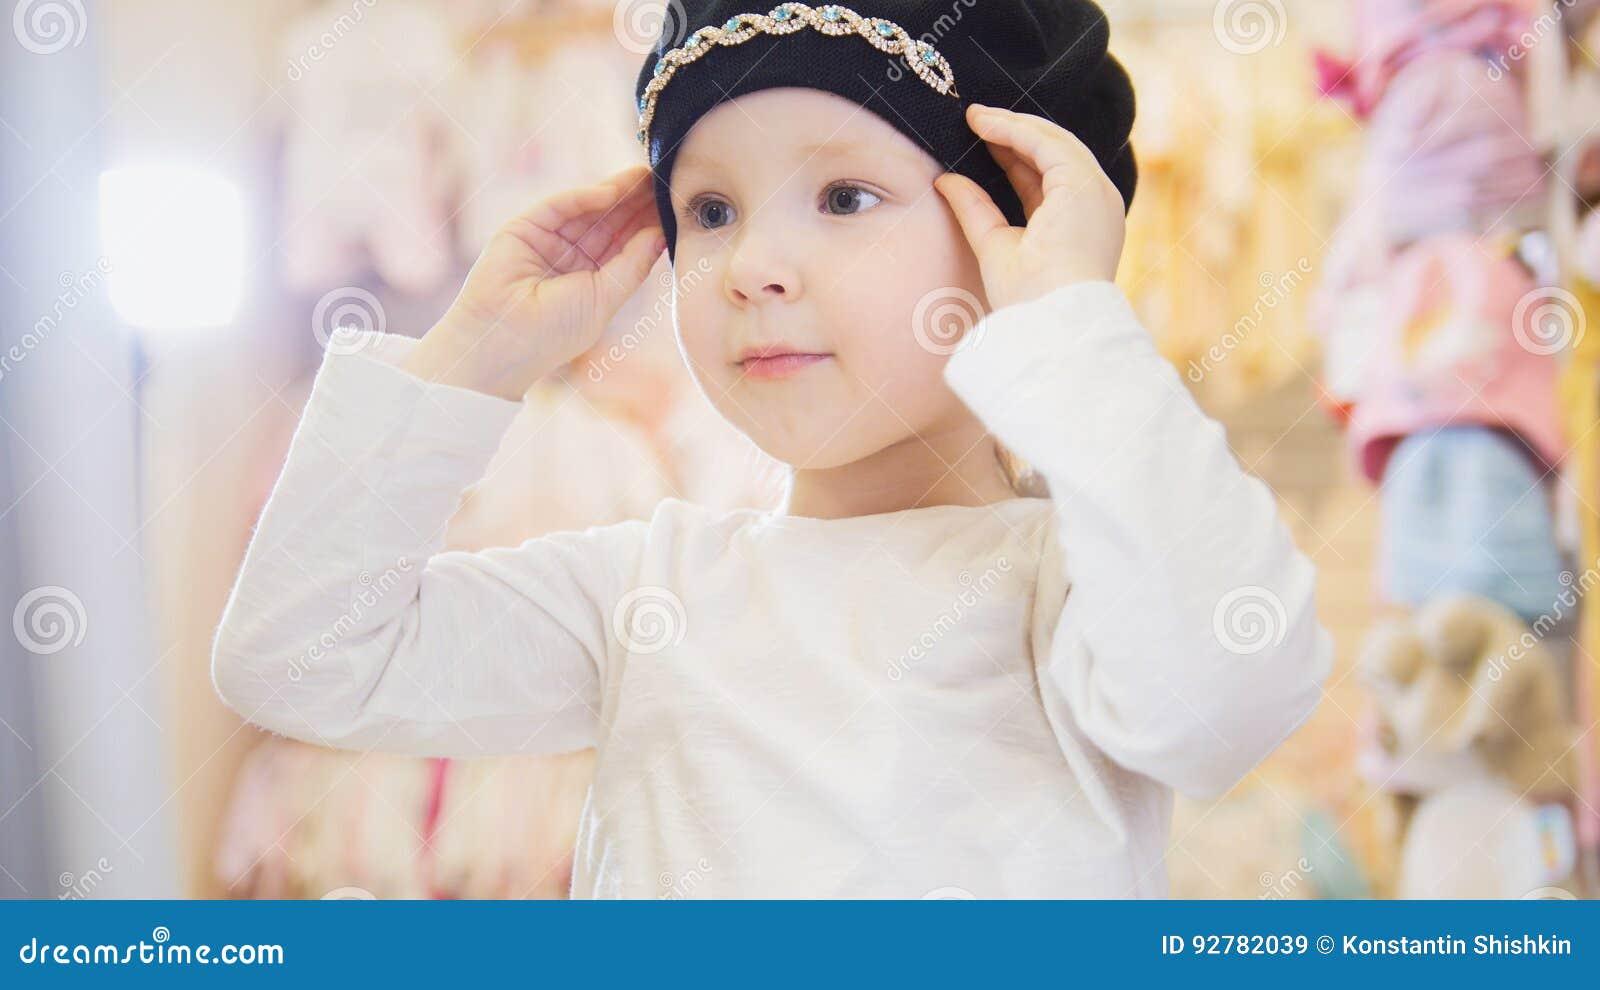 La muchacha preciosa intenta encendido una boina negra delante de un espejo  en una tienda de ropa para los niños 8a9ae97d242